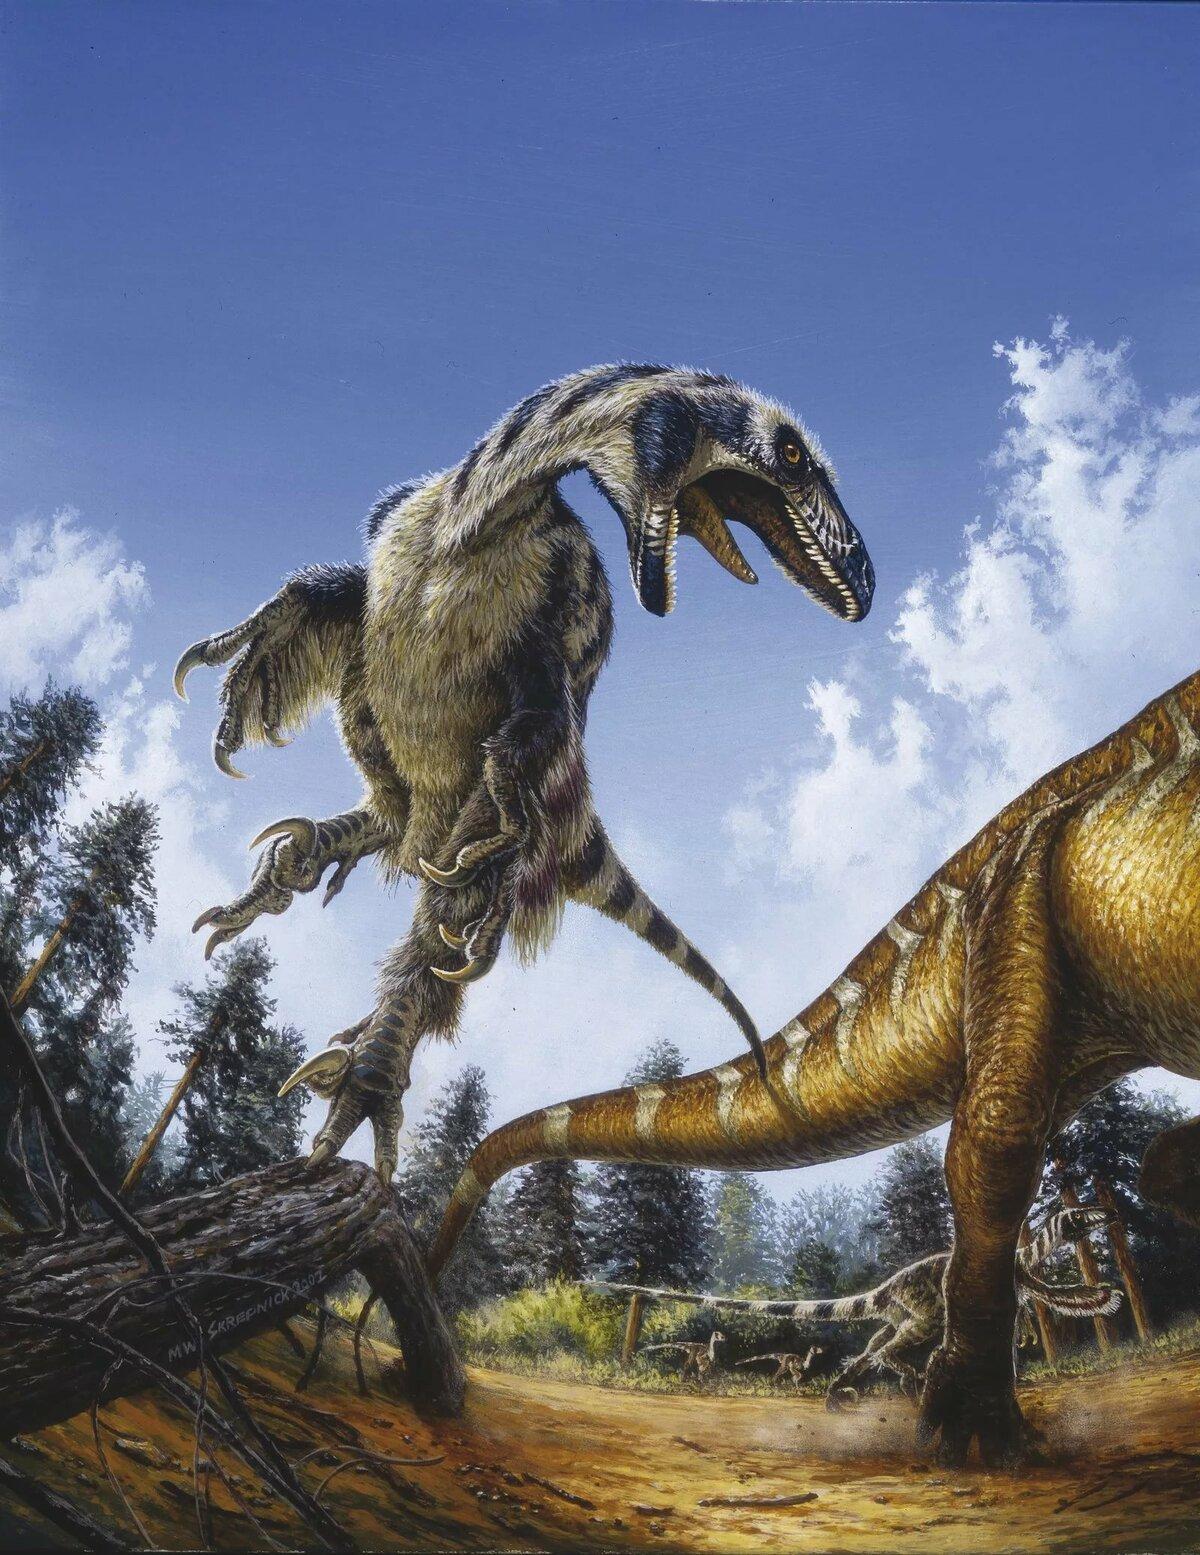 динозавр дейноних картинки речного рака